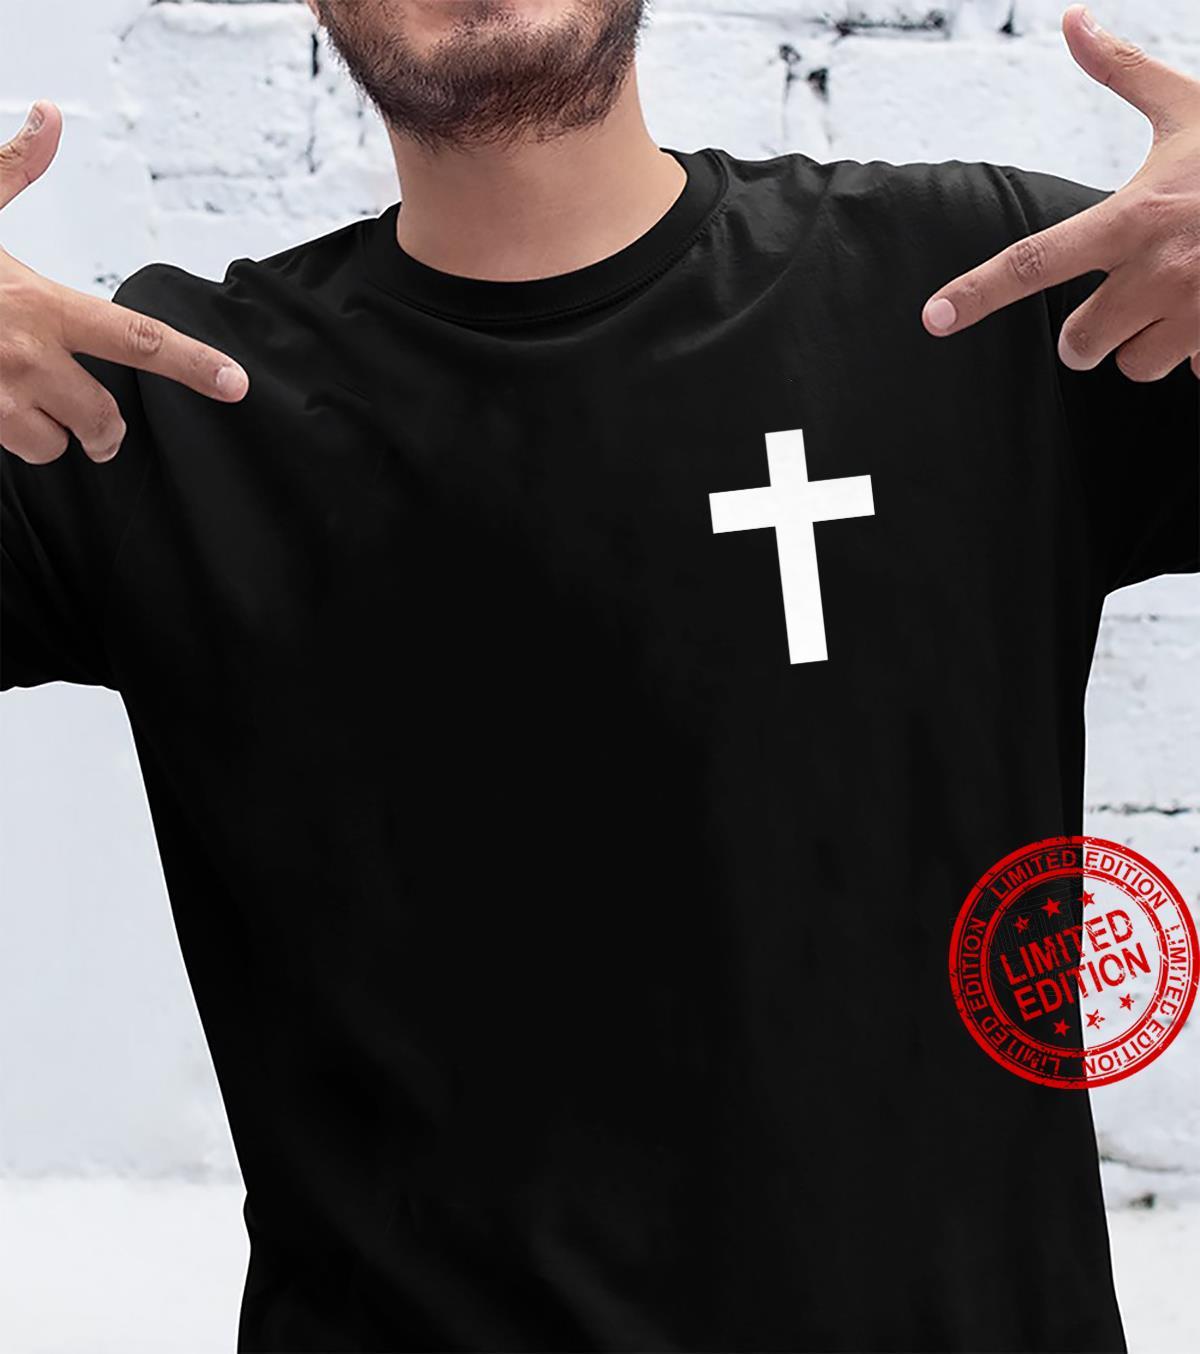 White Cross Jesus Christ Christianity God Christian Gospel Shirt